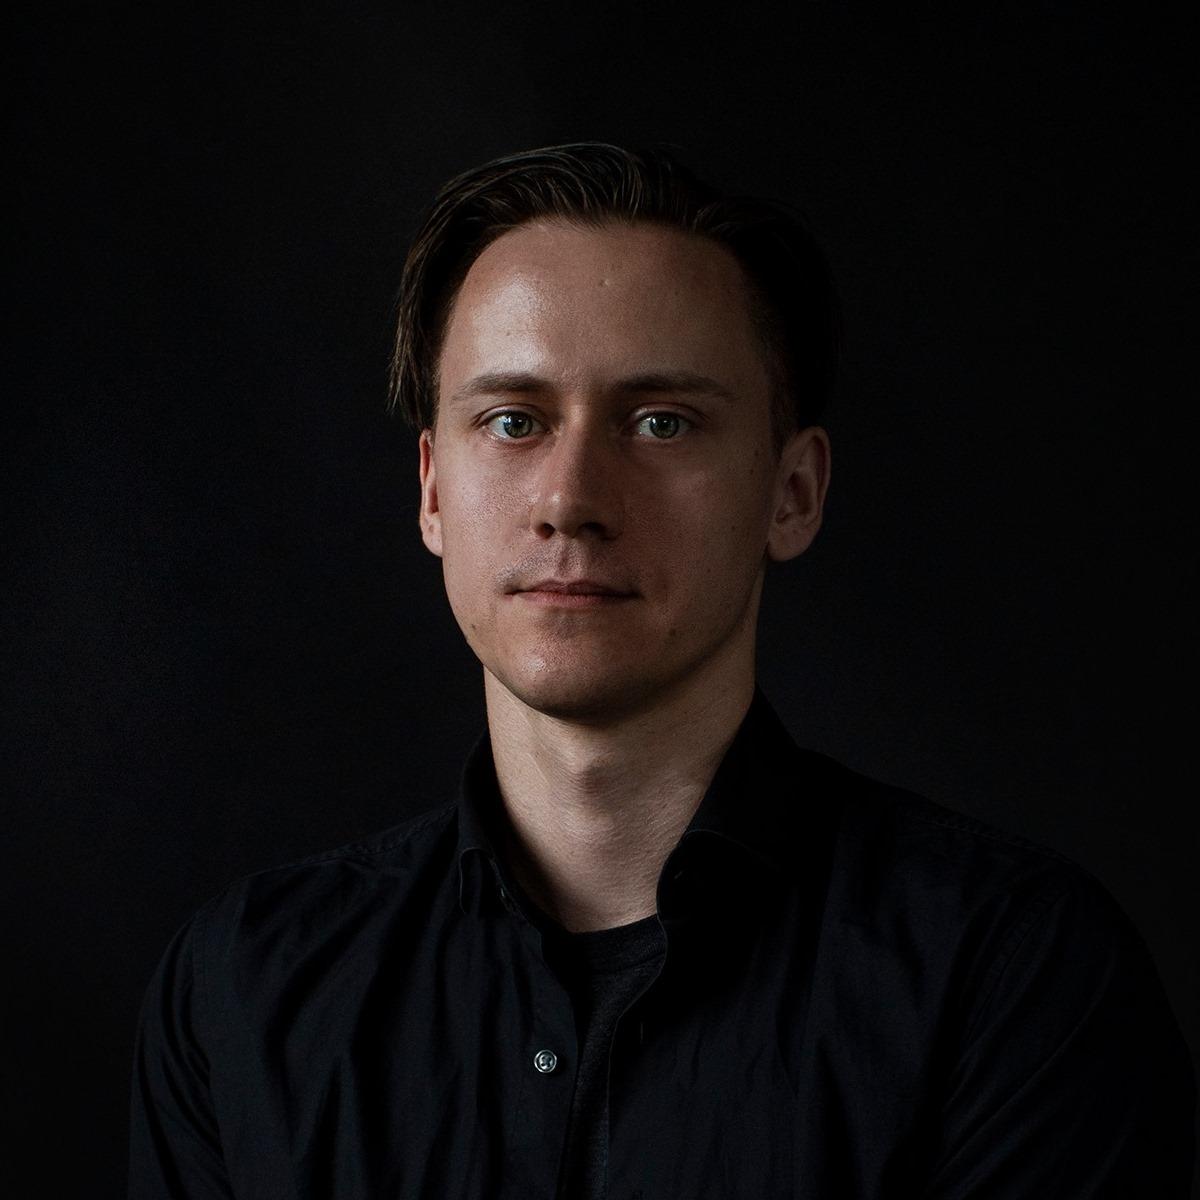 The Guardian назвал релиз украинского музыканта «главным альбомом месяца»